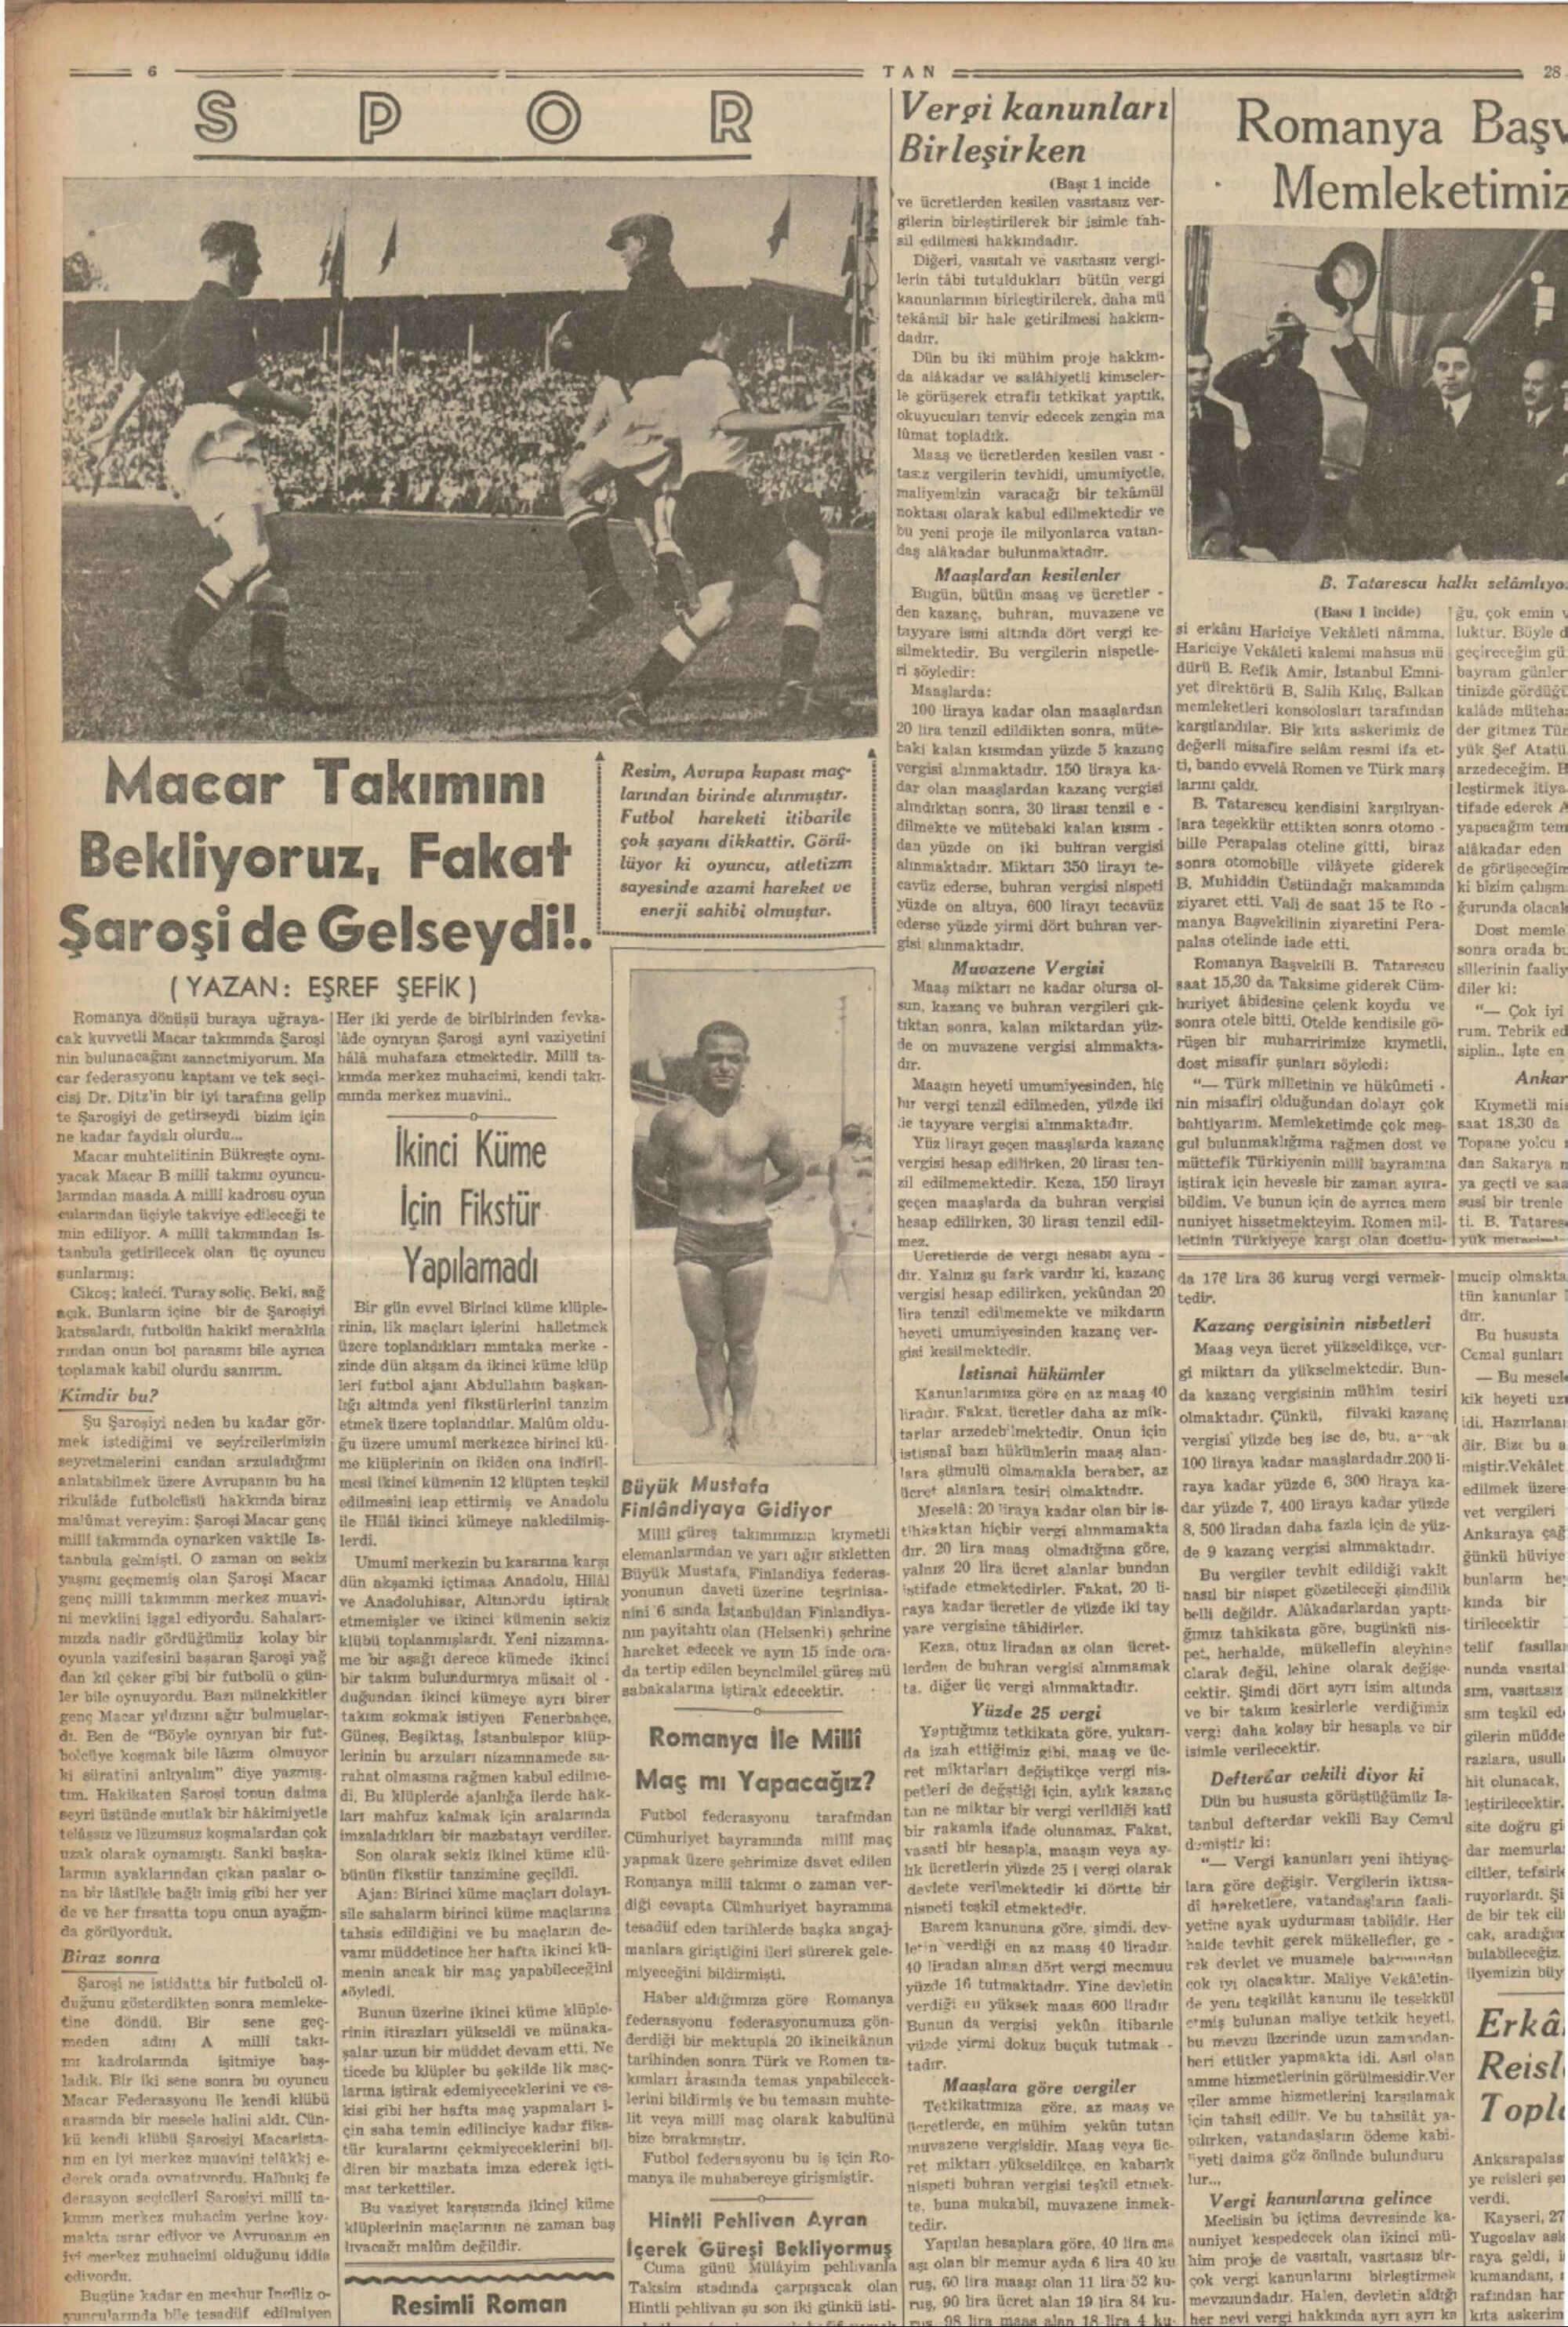 28 Kasım 1937 Tarihli Tan Dergisi Sayfa 6